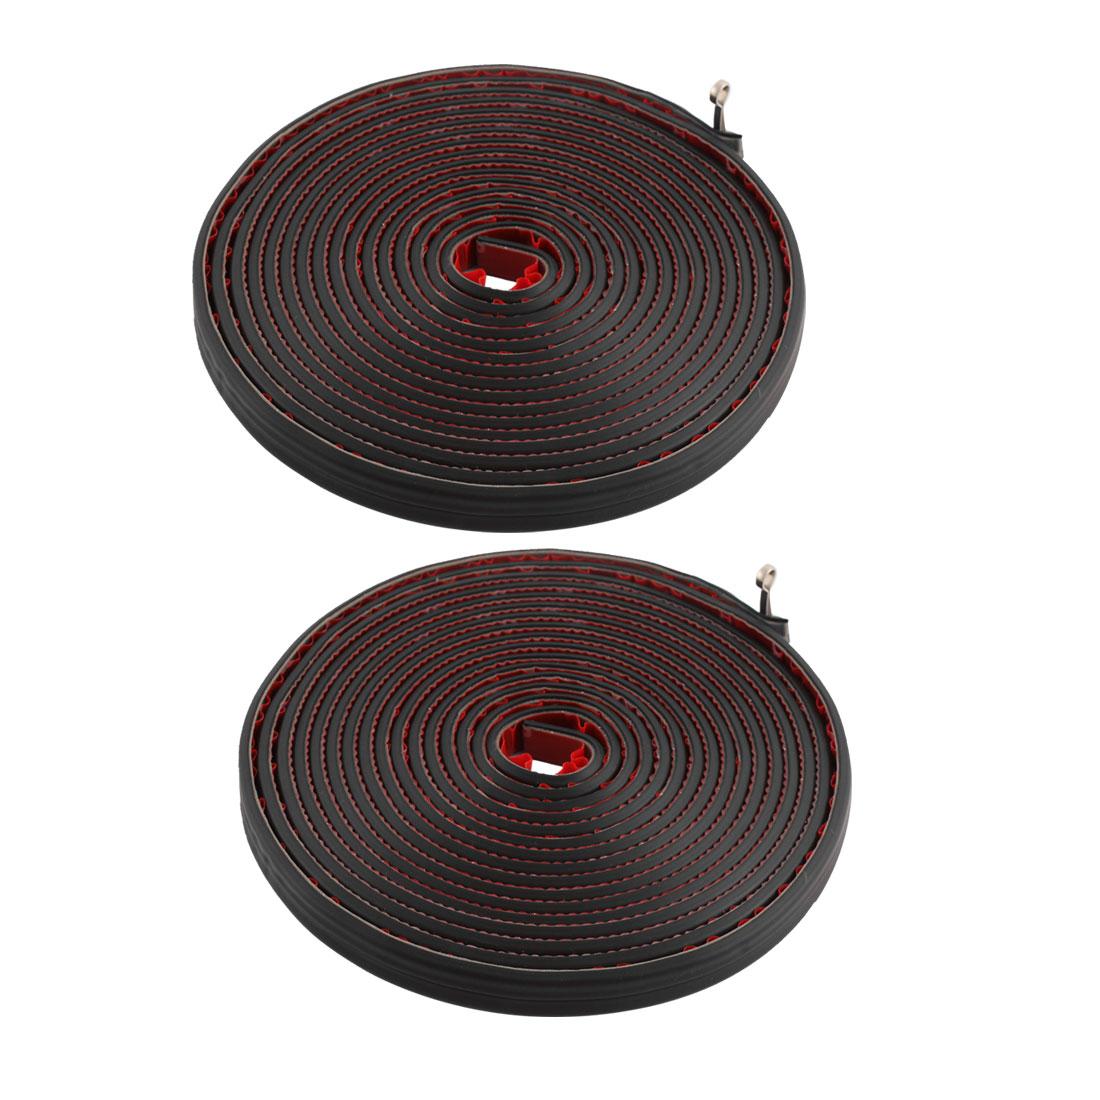 2 Pcs 5M Length Black Rubber Double D Shape Car Door Seal Strip Weatherstrip